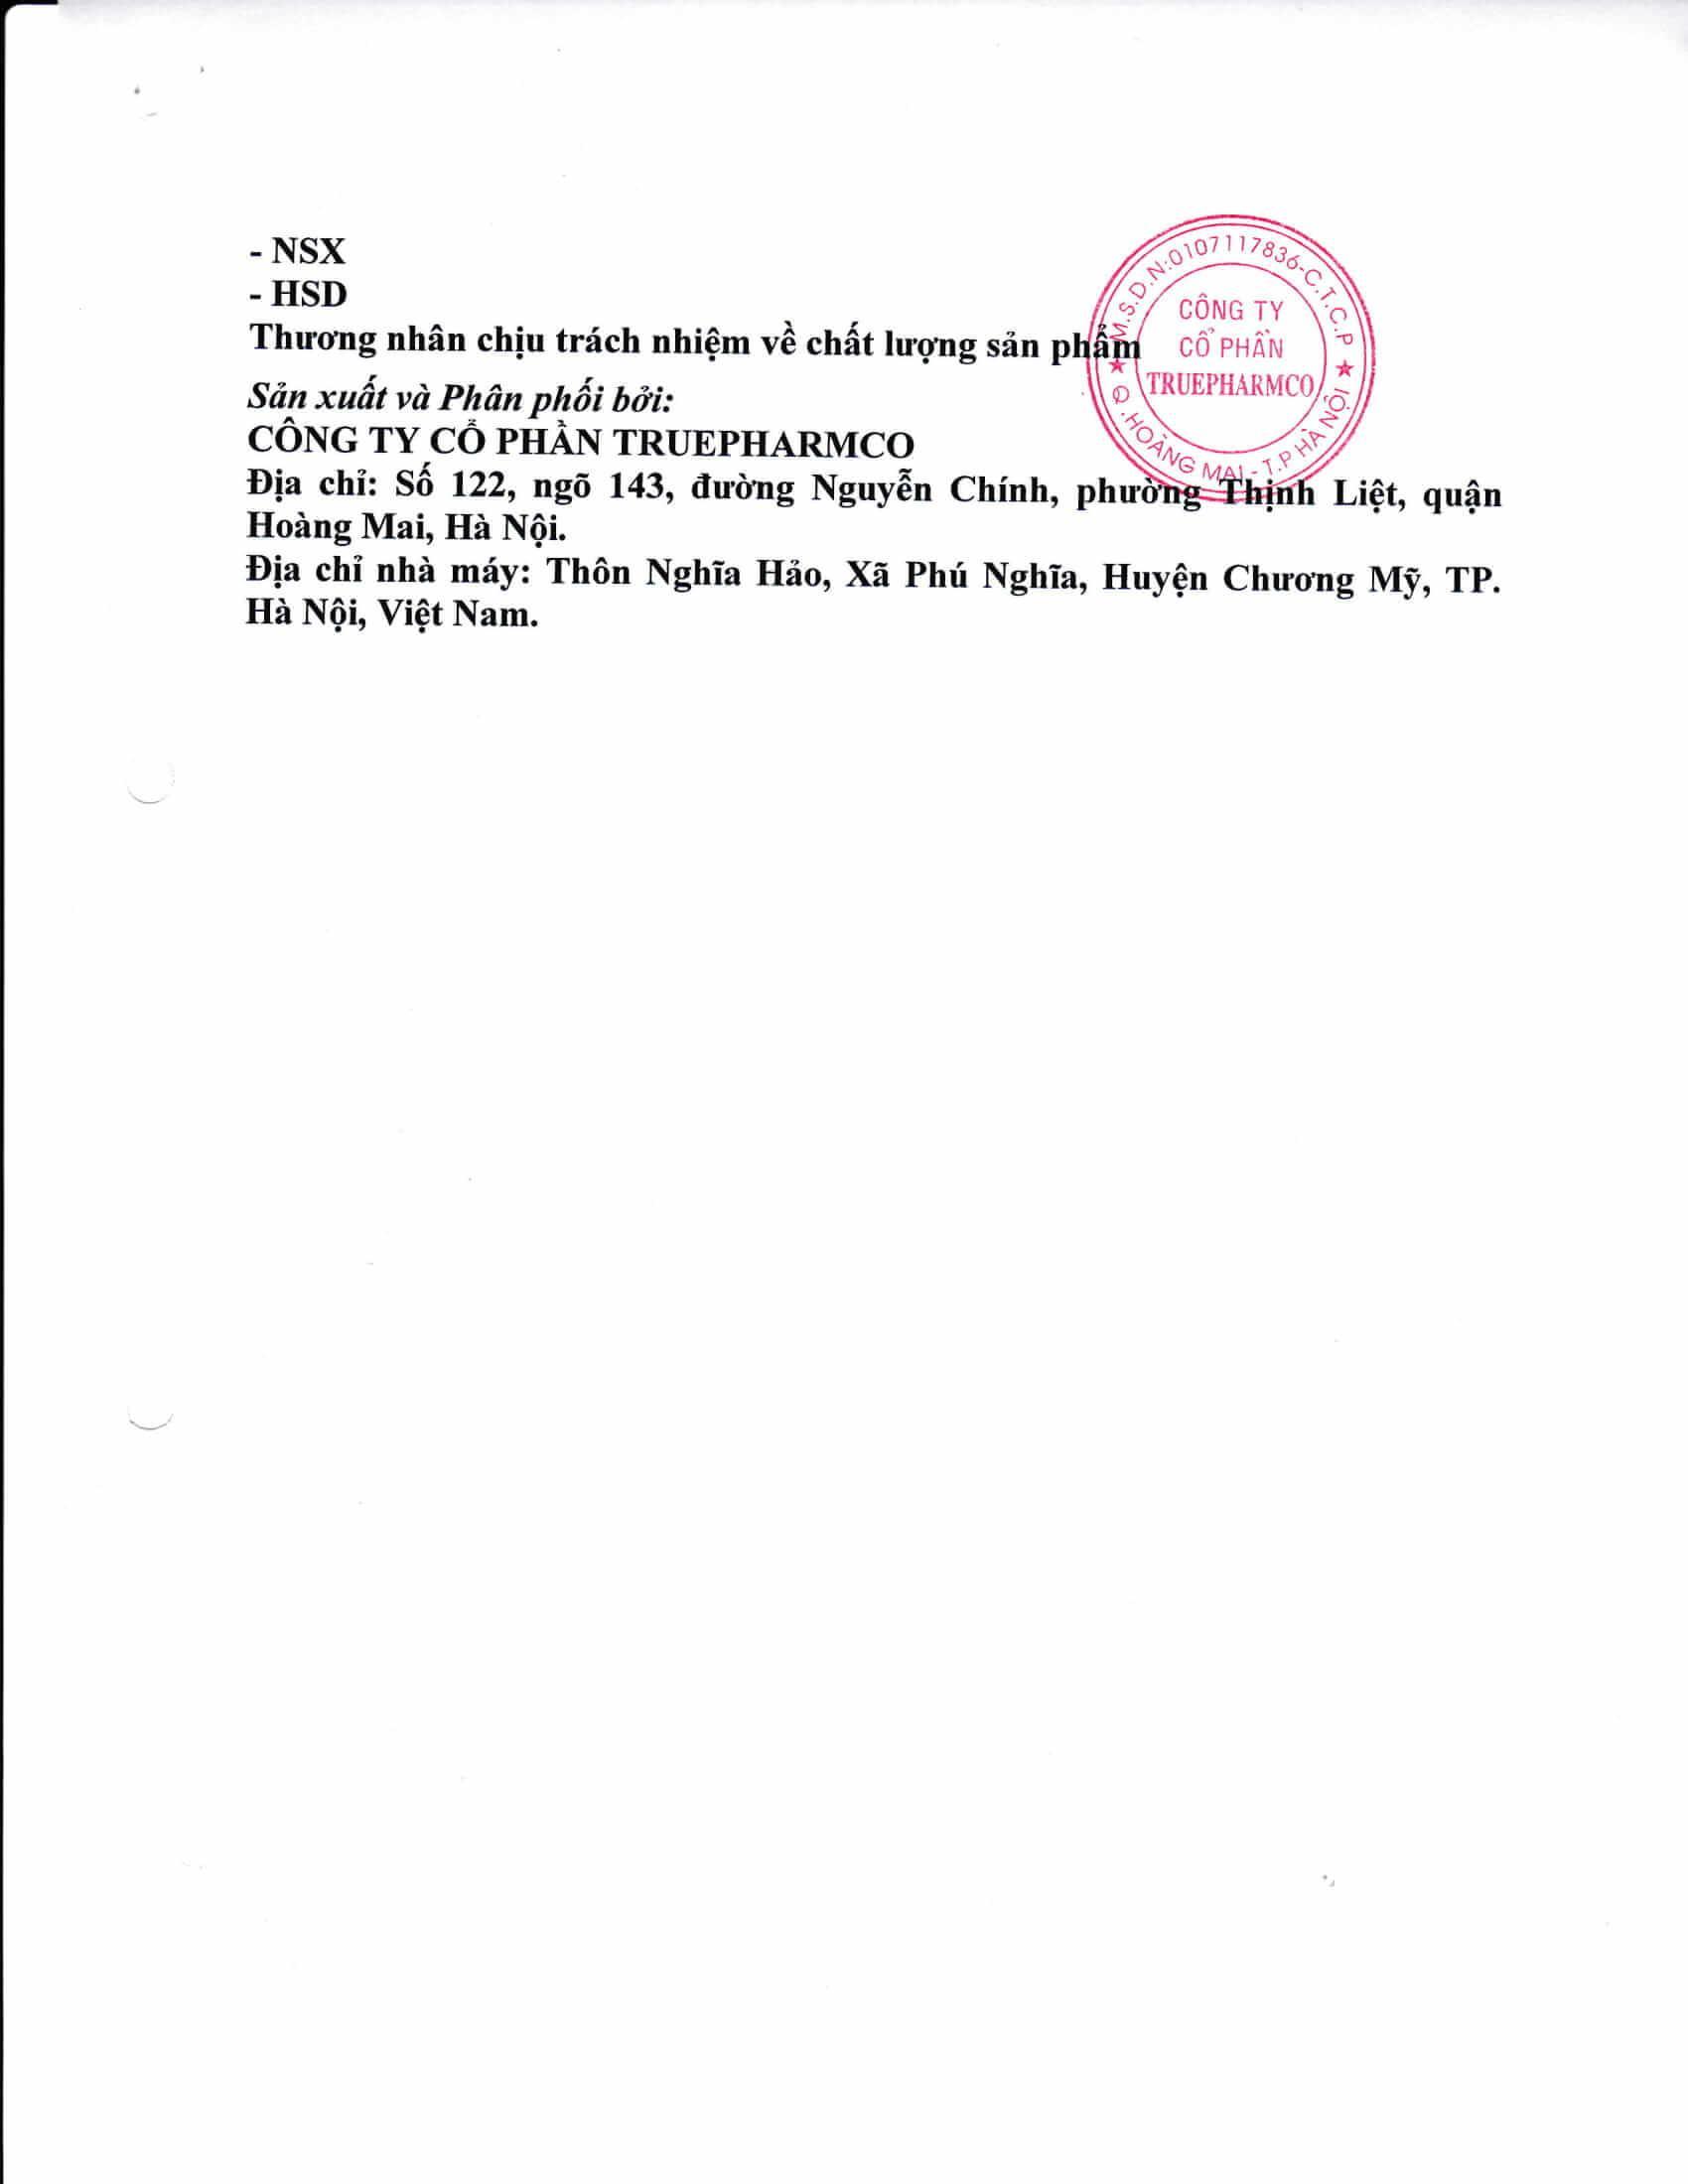 ngac-nhien-manh-luc-khang-co-tot-khong-mua-o-dau-gia-bao-nhieu-7